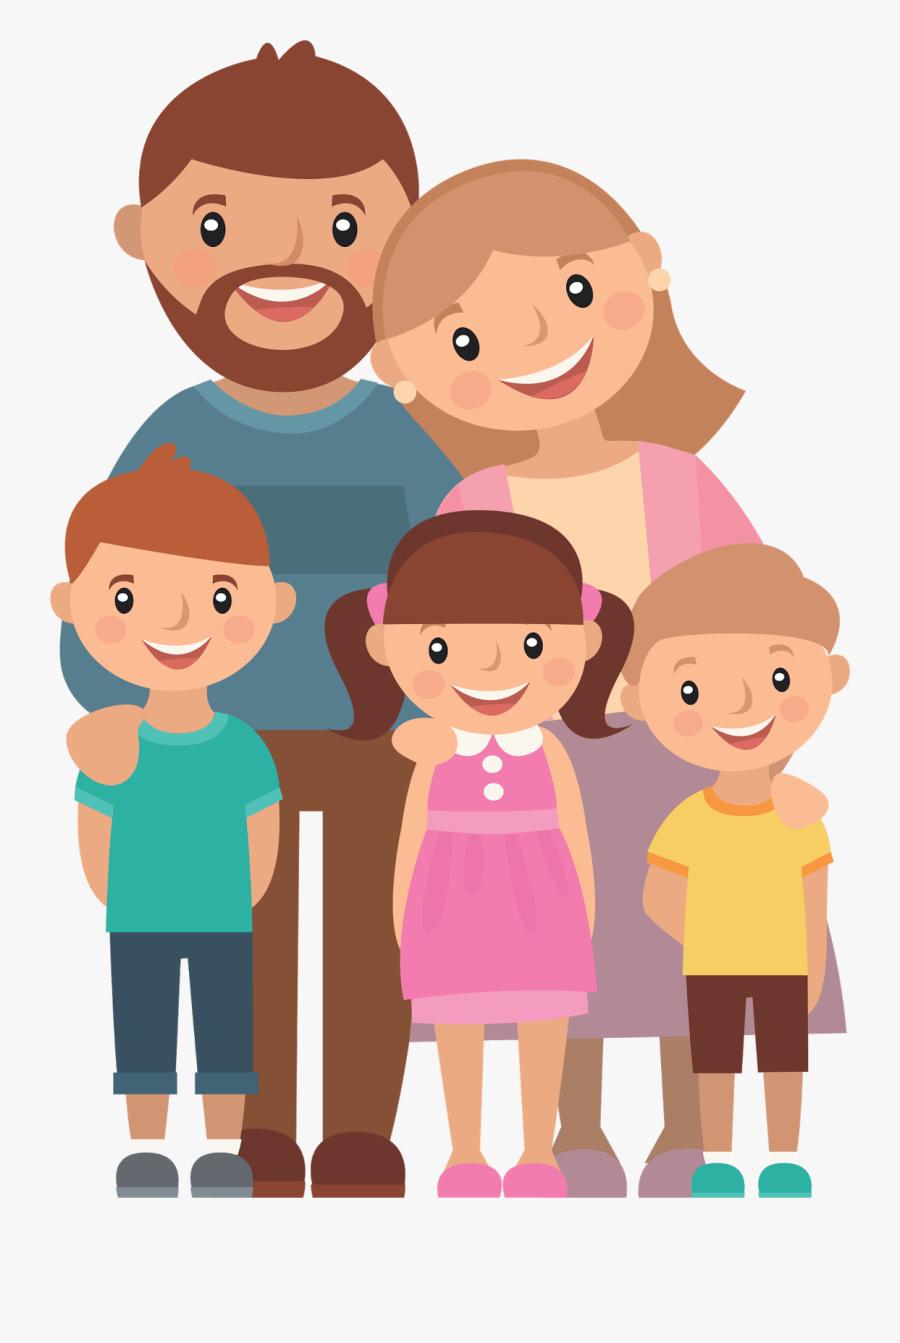 Family Photo Cartoon : family, photo, cartoon, Transparent, Family, Cartoon, Clipart, ClipartKey